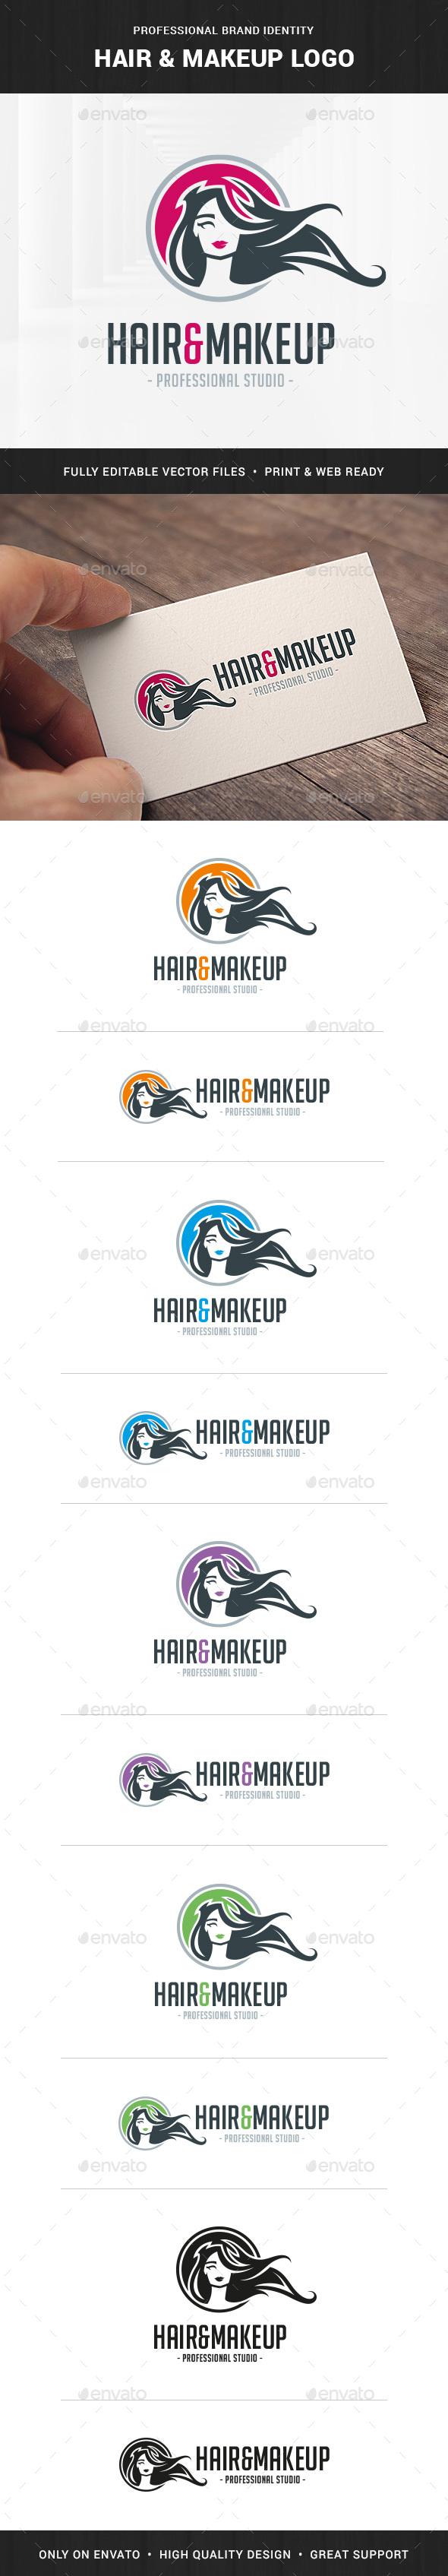 Hair & MakeUp Logo Template